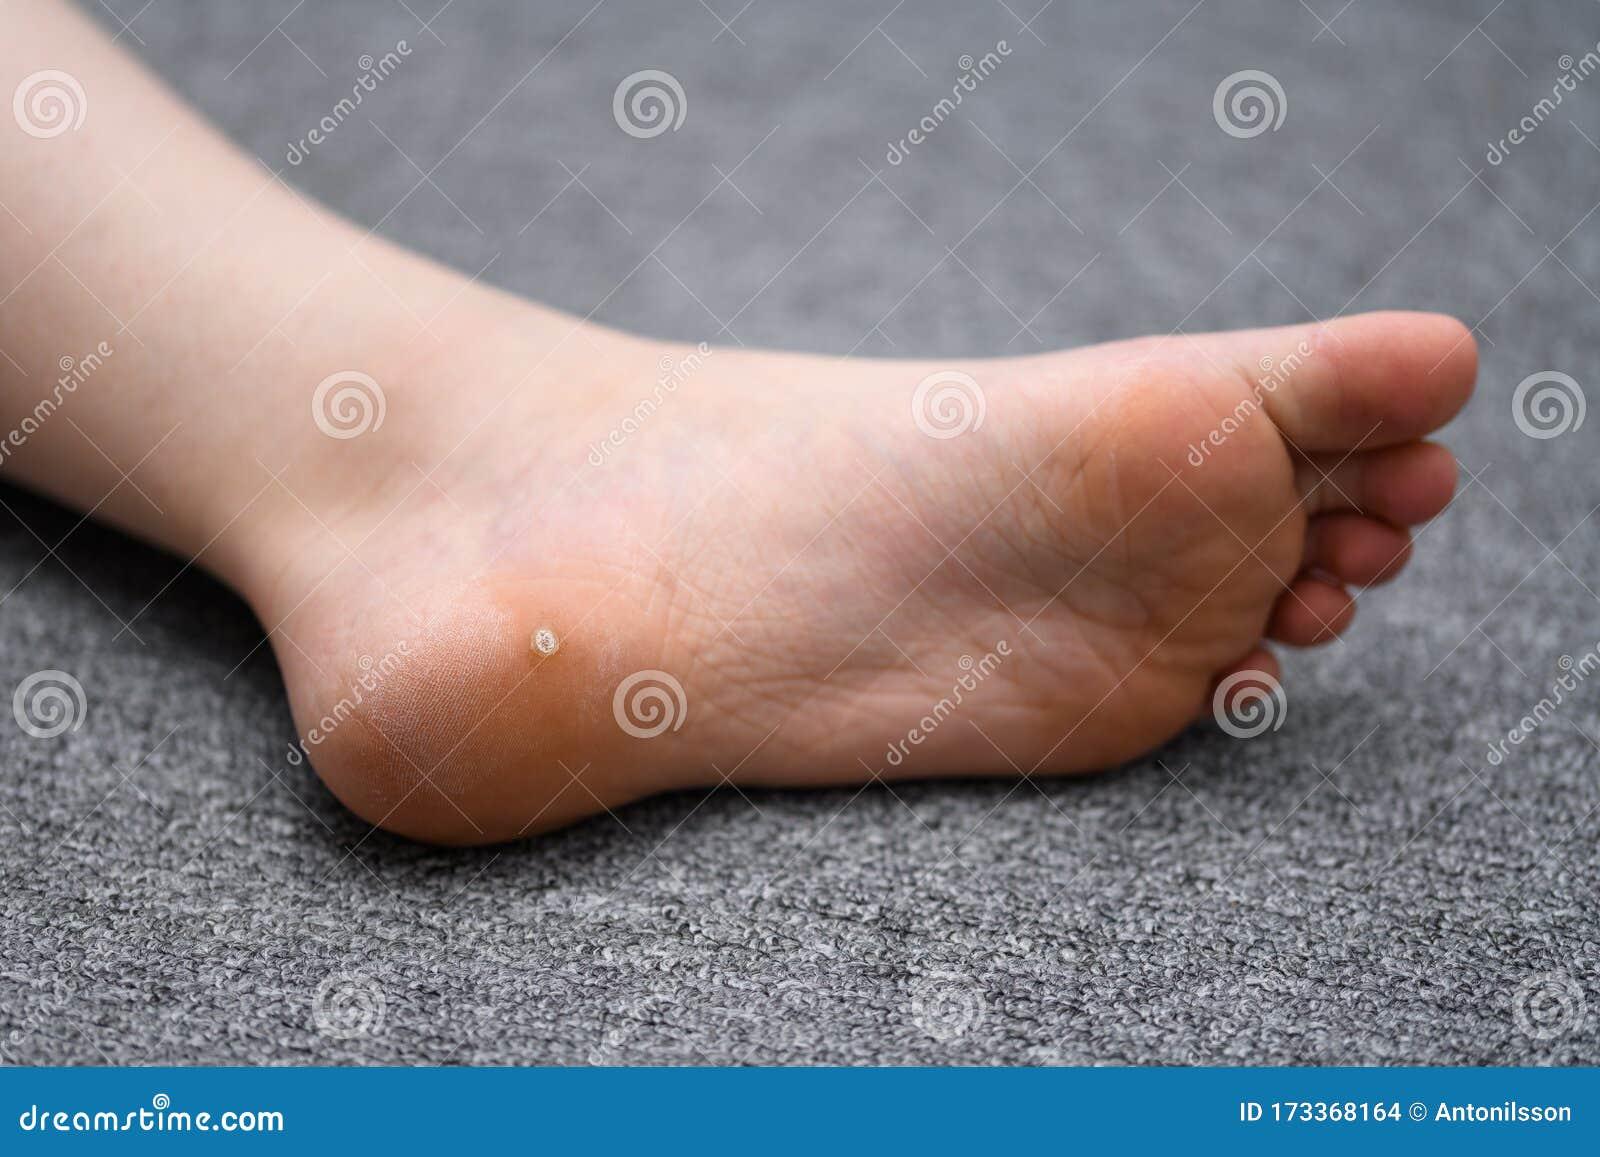 papilloma on child s foot ce sunt condiloamele și papiloamele